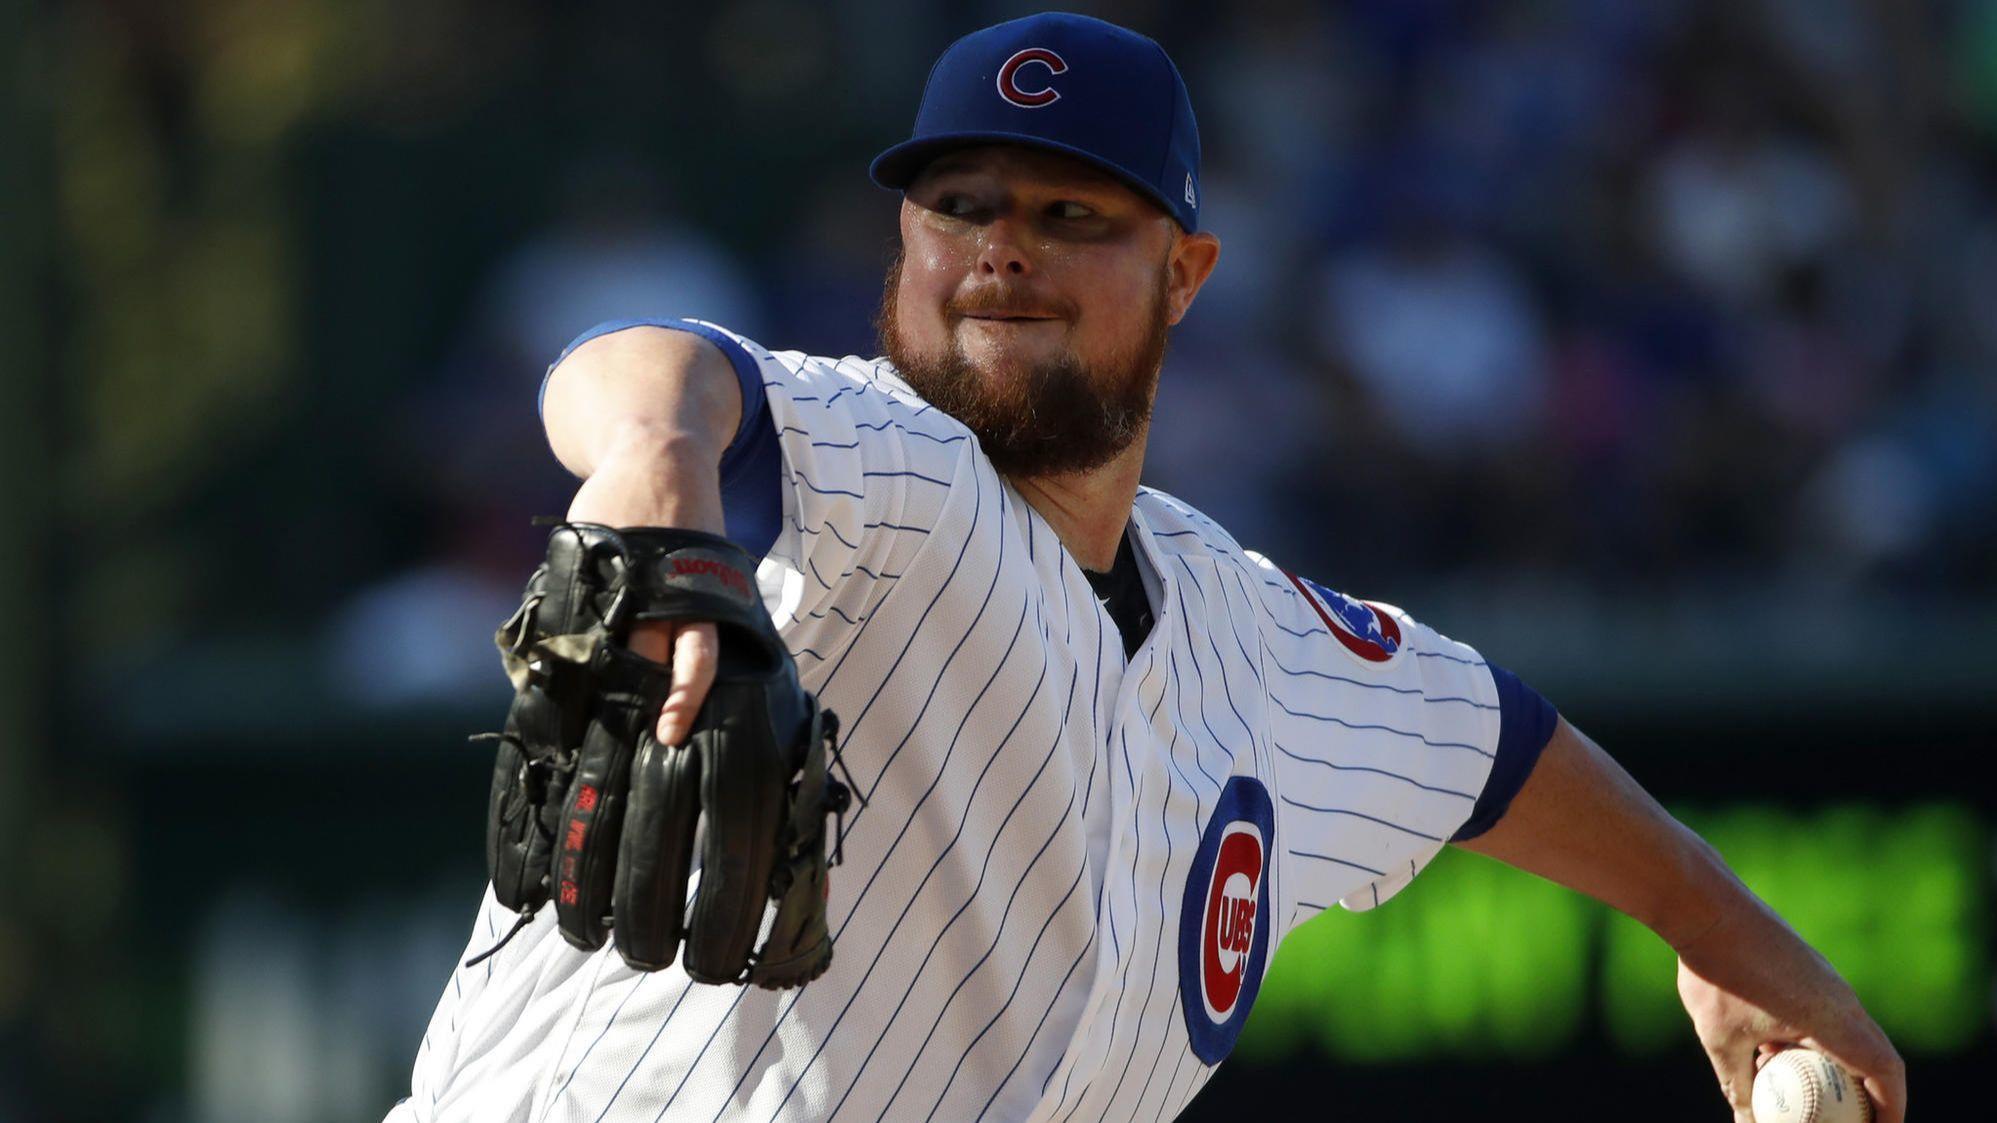 Cubs' Jon Lester getting more rest before start vs. White Sox